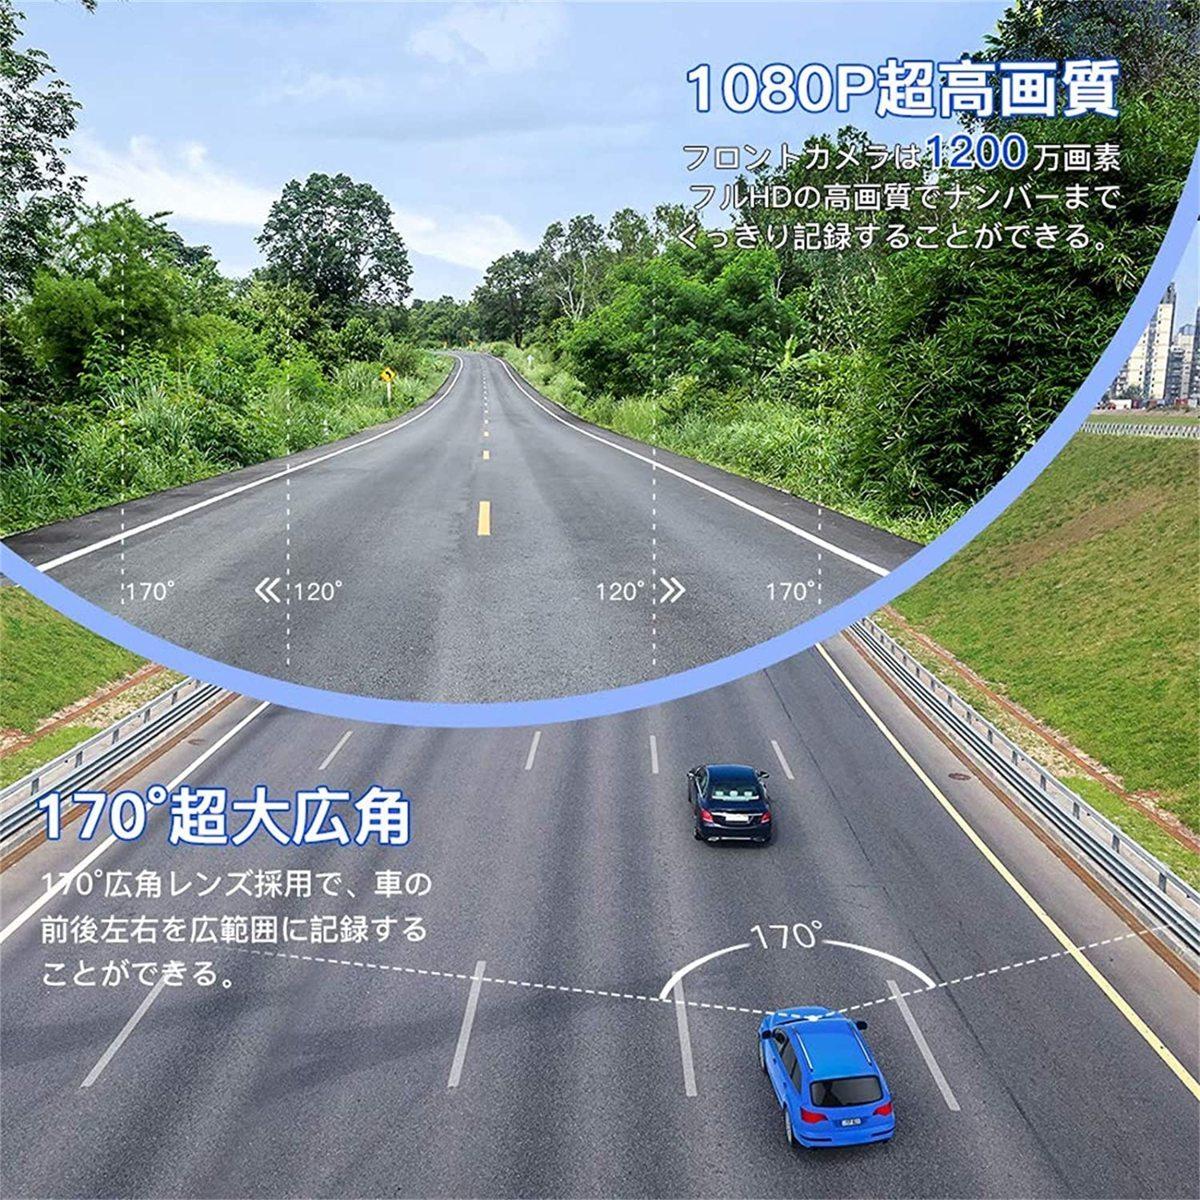 ■新品■ドライブレコーダー 高画質 170度広角 フルHD 駐車監視 Gセンサー ループ録画 上書き機能 高速起動 緊急録画 取り付け簡単!_画像3